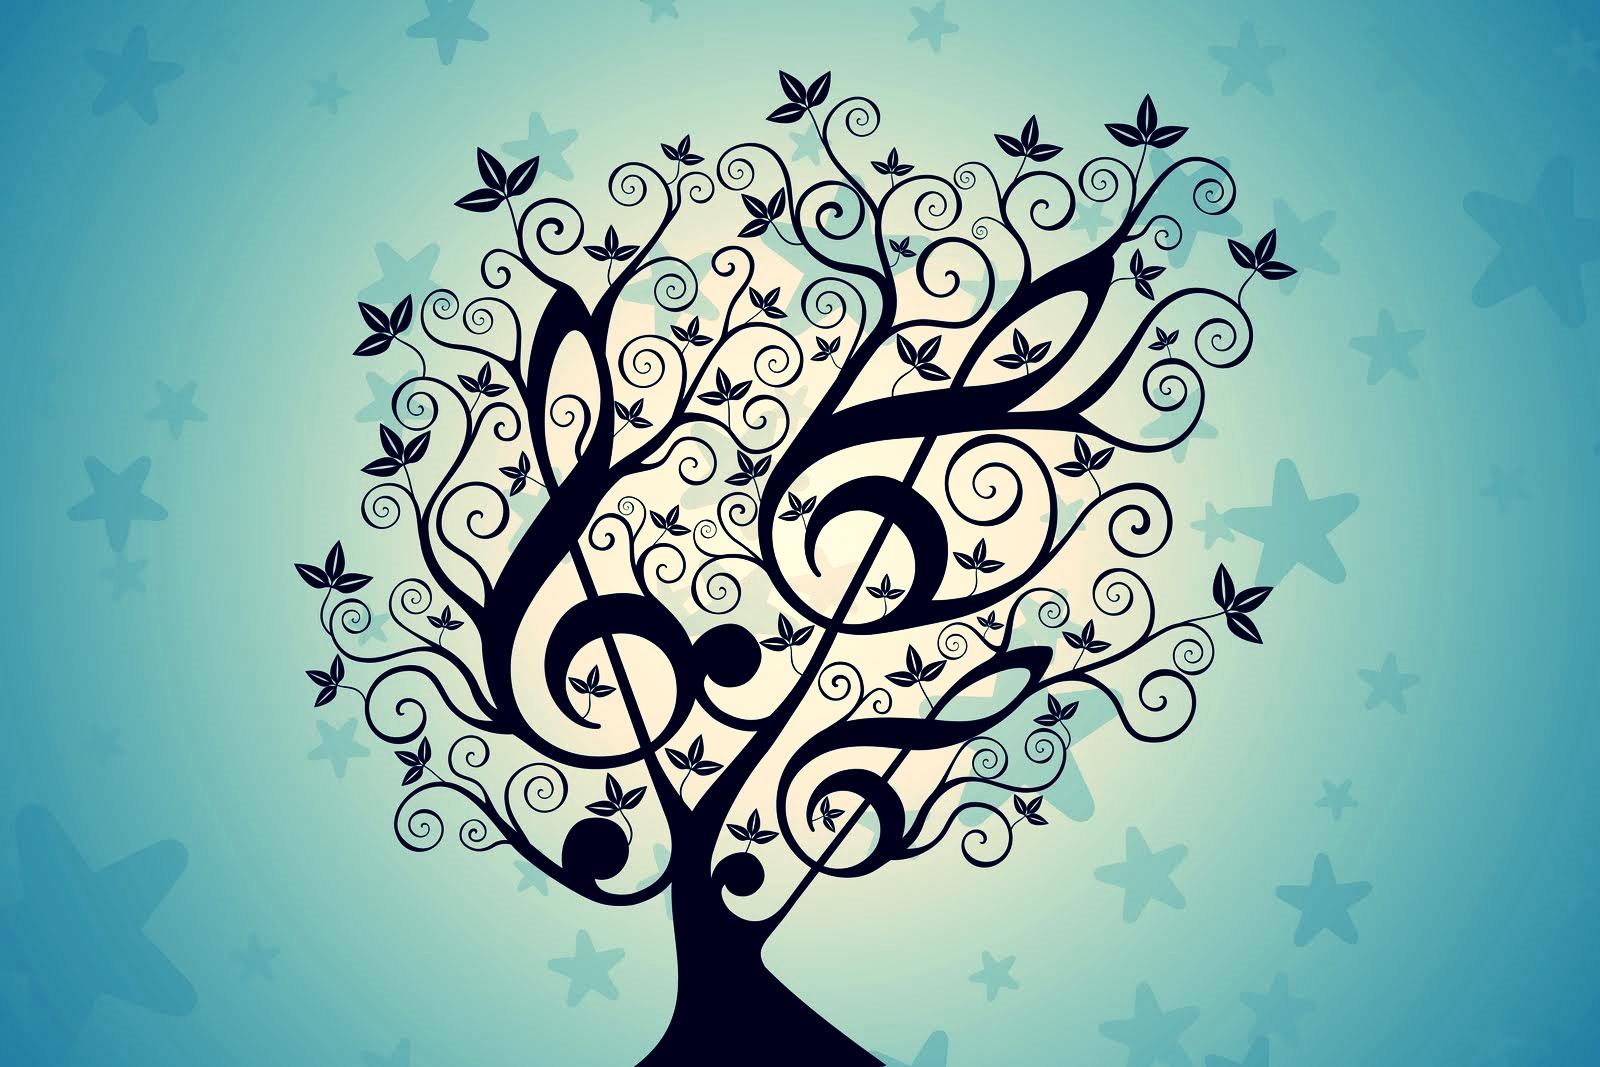 Descargar música gratis sin copyright